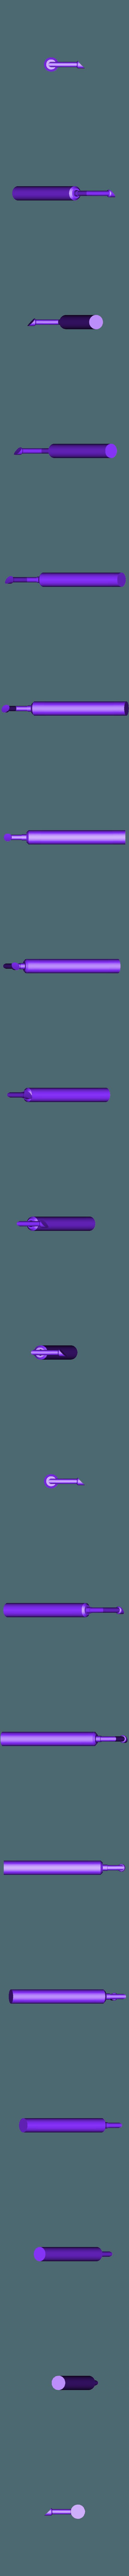 Large-Pipe-Opposite-Boiler-Side.stl Télécharger fichier STL gratuit Planète Express 3030 • Objet à imprimer en 3D, Piggie